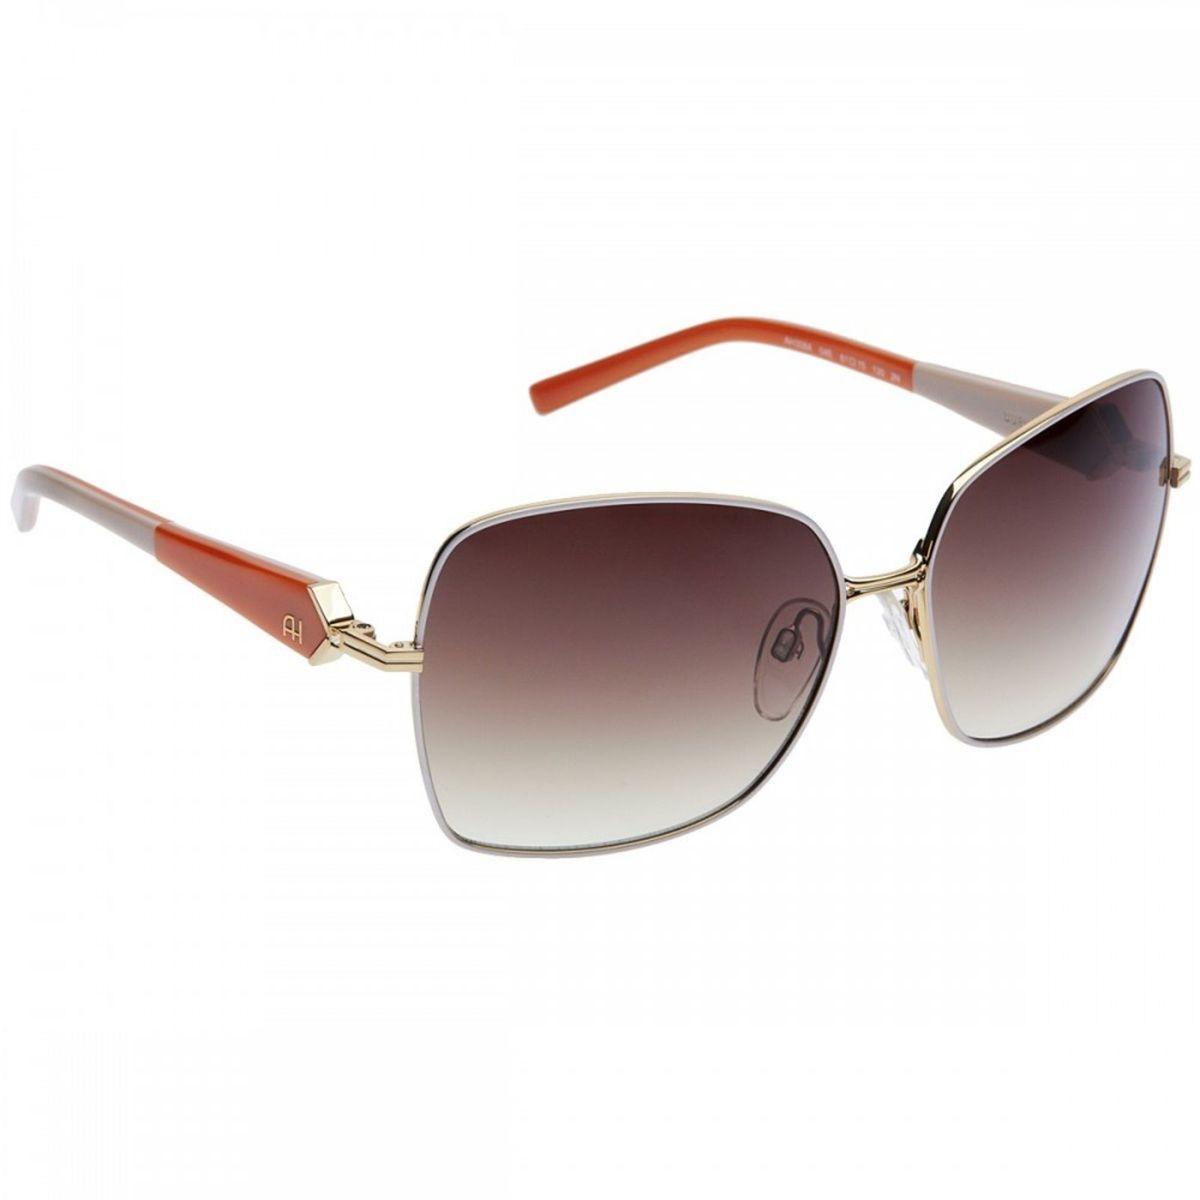 315a0404248f9 Ana Hickmann - Oculos de Sol   Óculos Feminino Ana Hickmann Usado ...